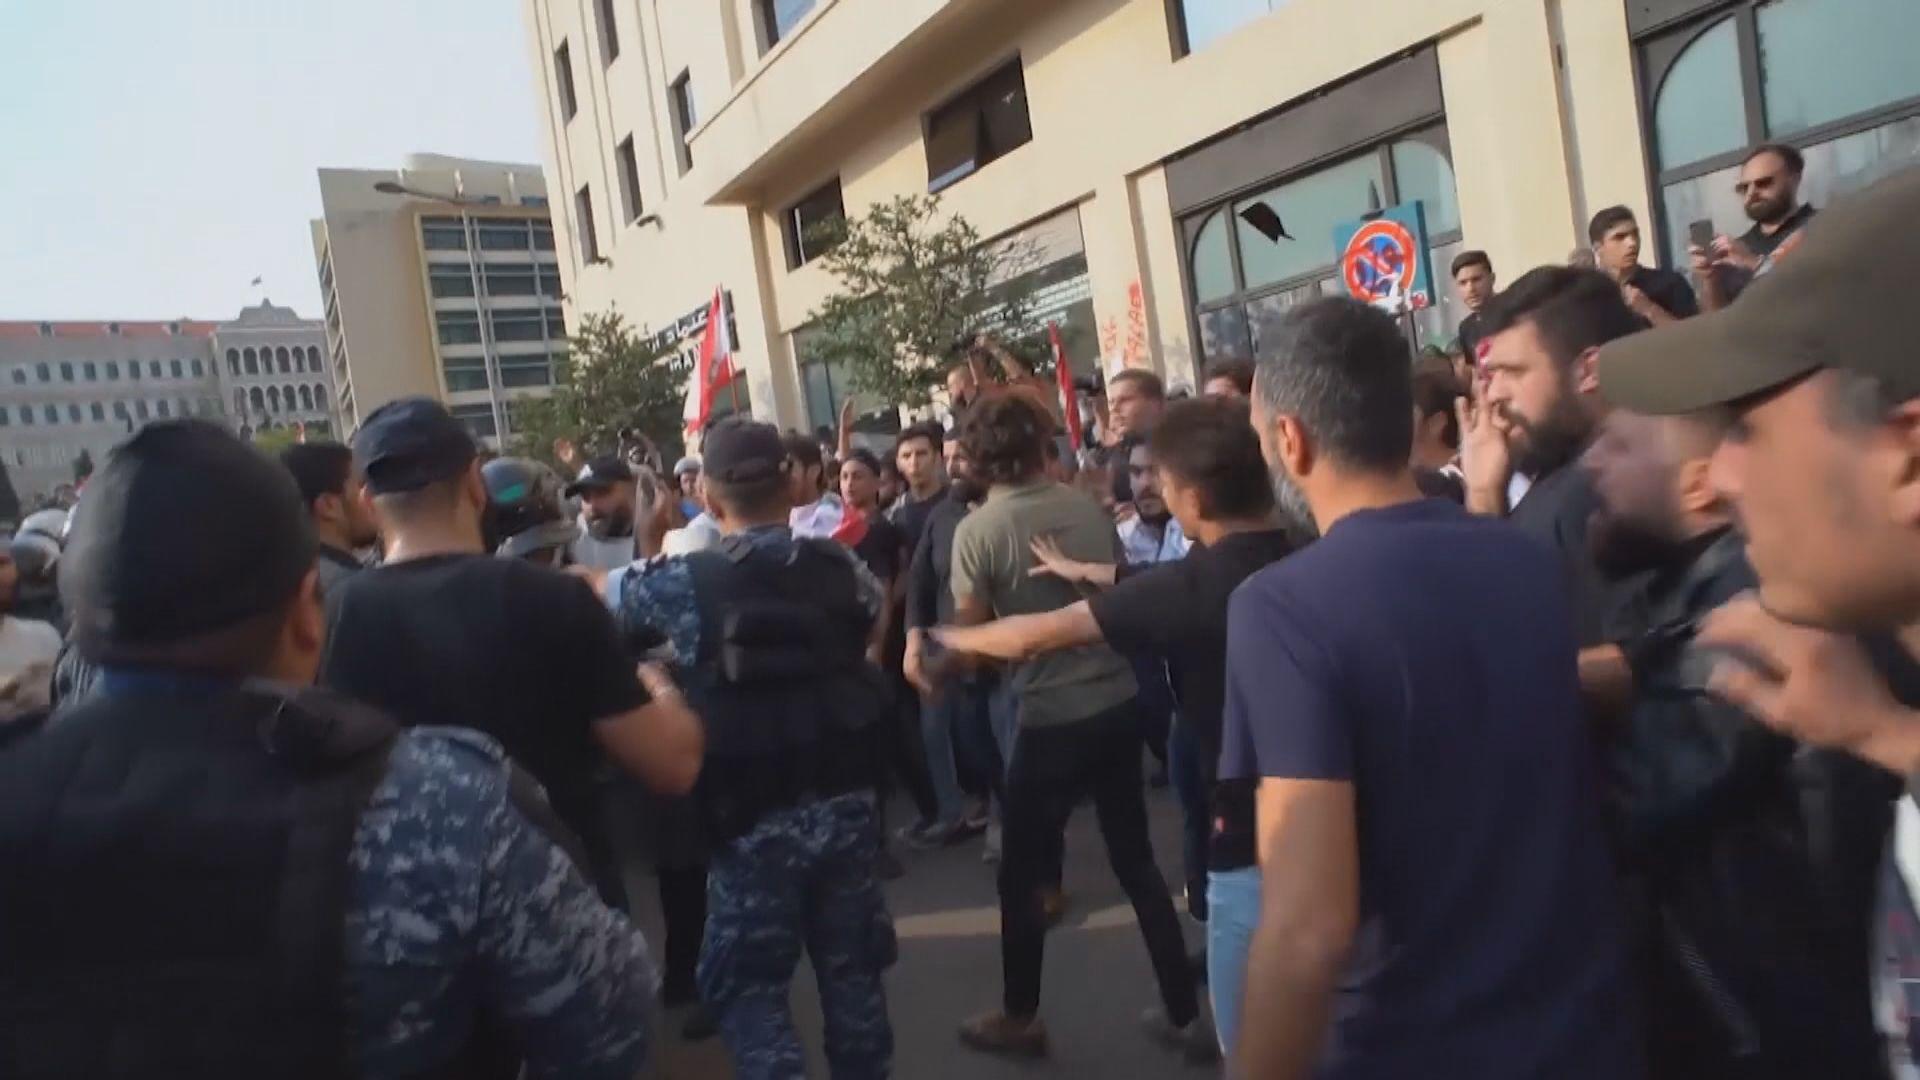 【即日焦點】曾與確診外傭同住的28名外傭已到不同家庭工作 相關人士需檢測;首都爆炸加上政經及疫症危機令黎巴嫩亂上加亂